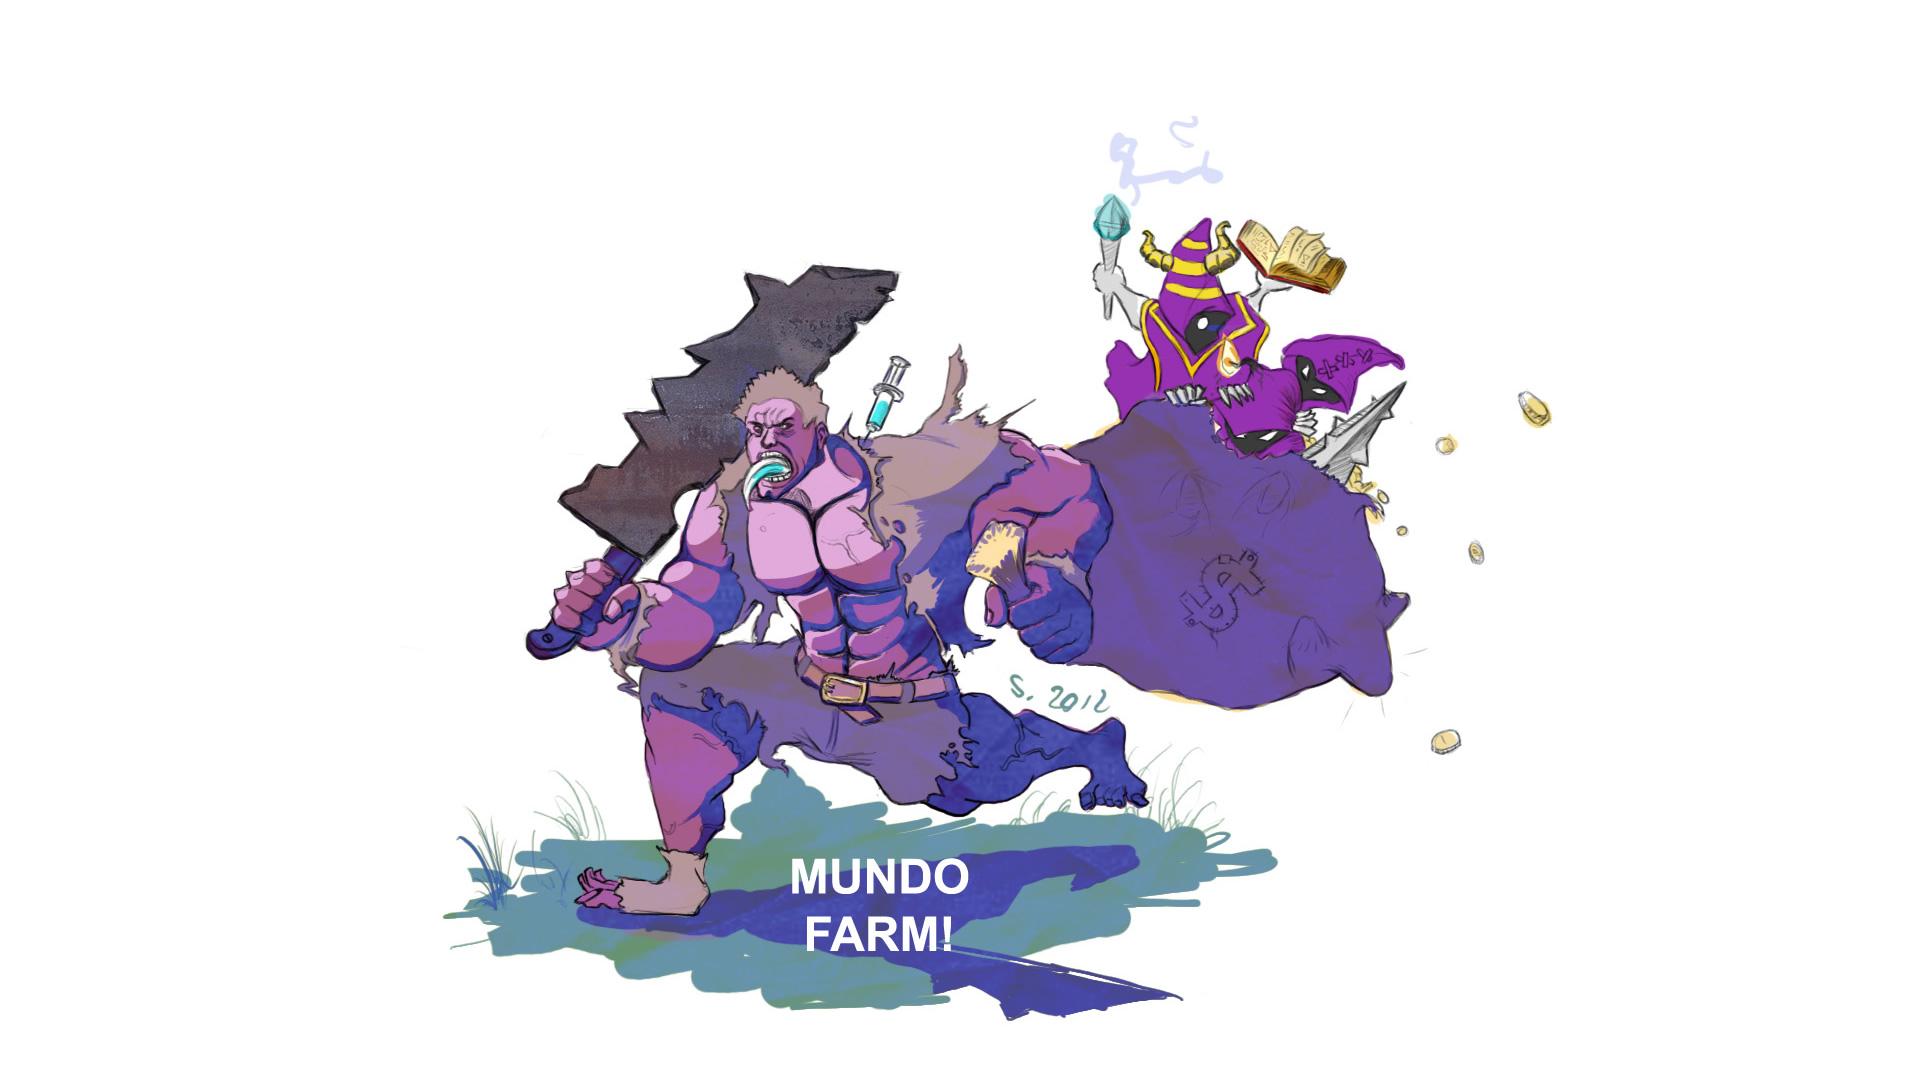 Mundo by Sseth672